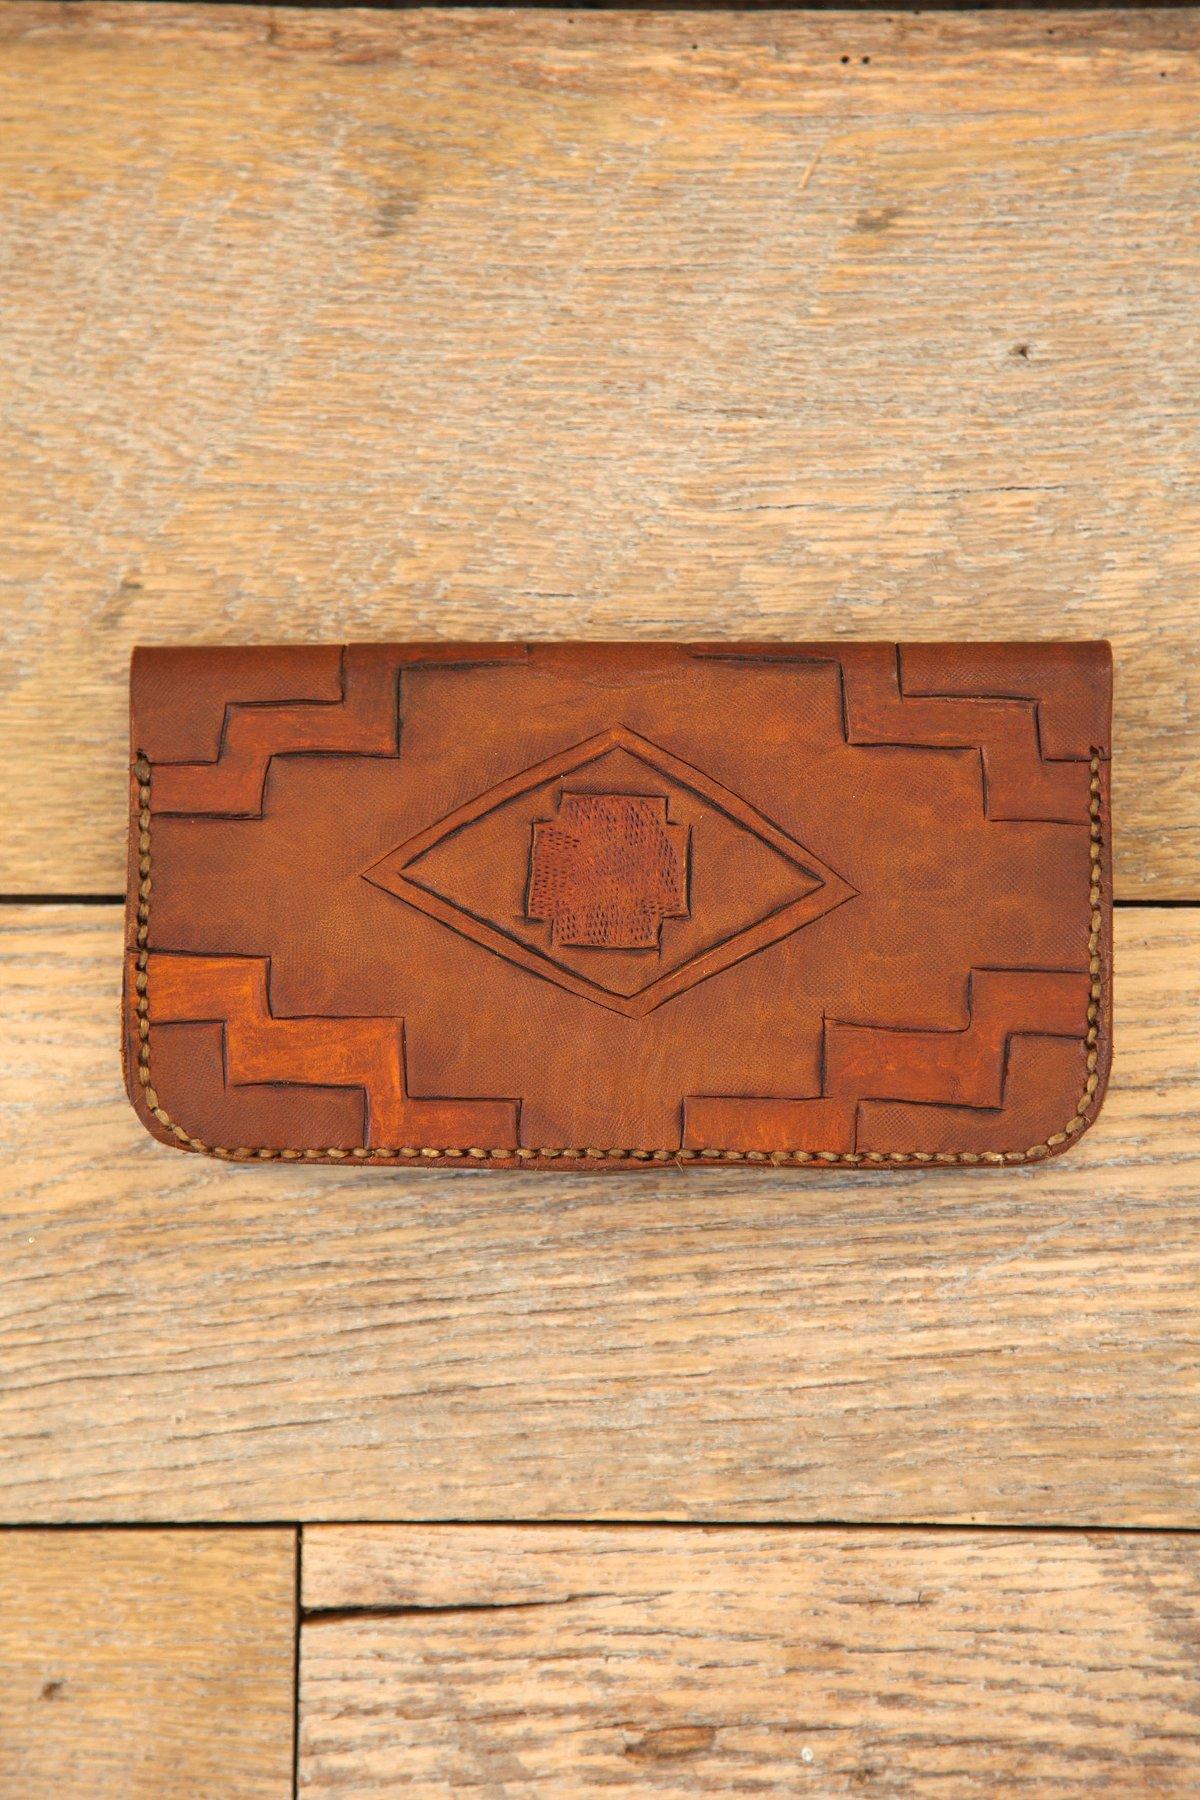 Vintage Hand-Carved Leather Wallet